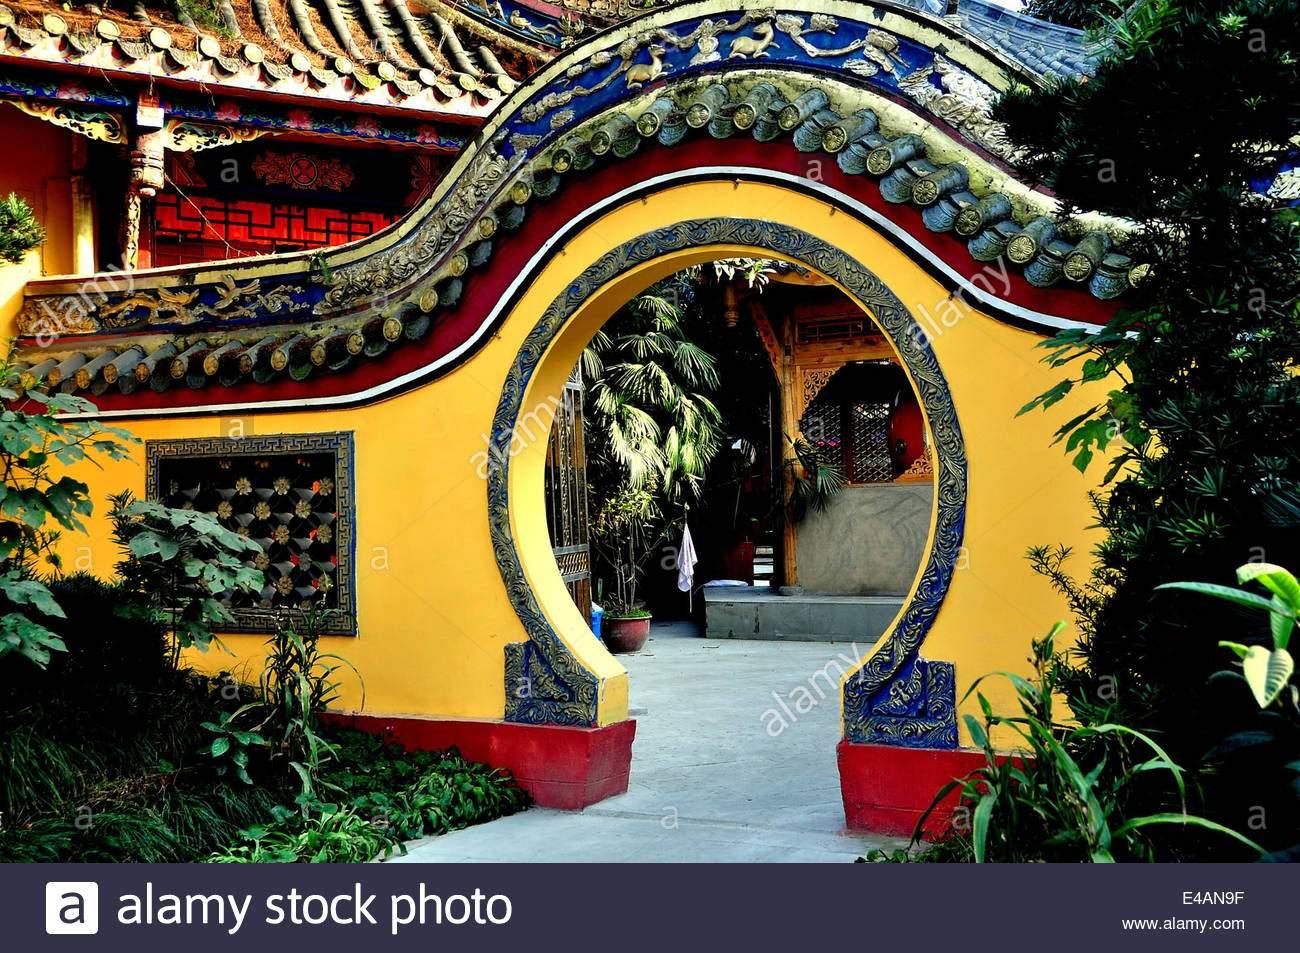 pengzhou china ein mond tor flankiert von garten fuhrt in einen innenhof im ci ji buddhistischen tempel e4an9f